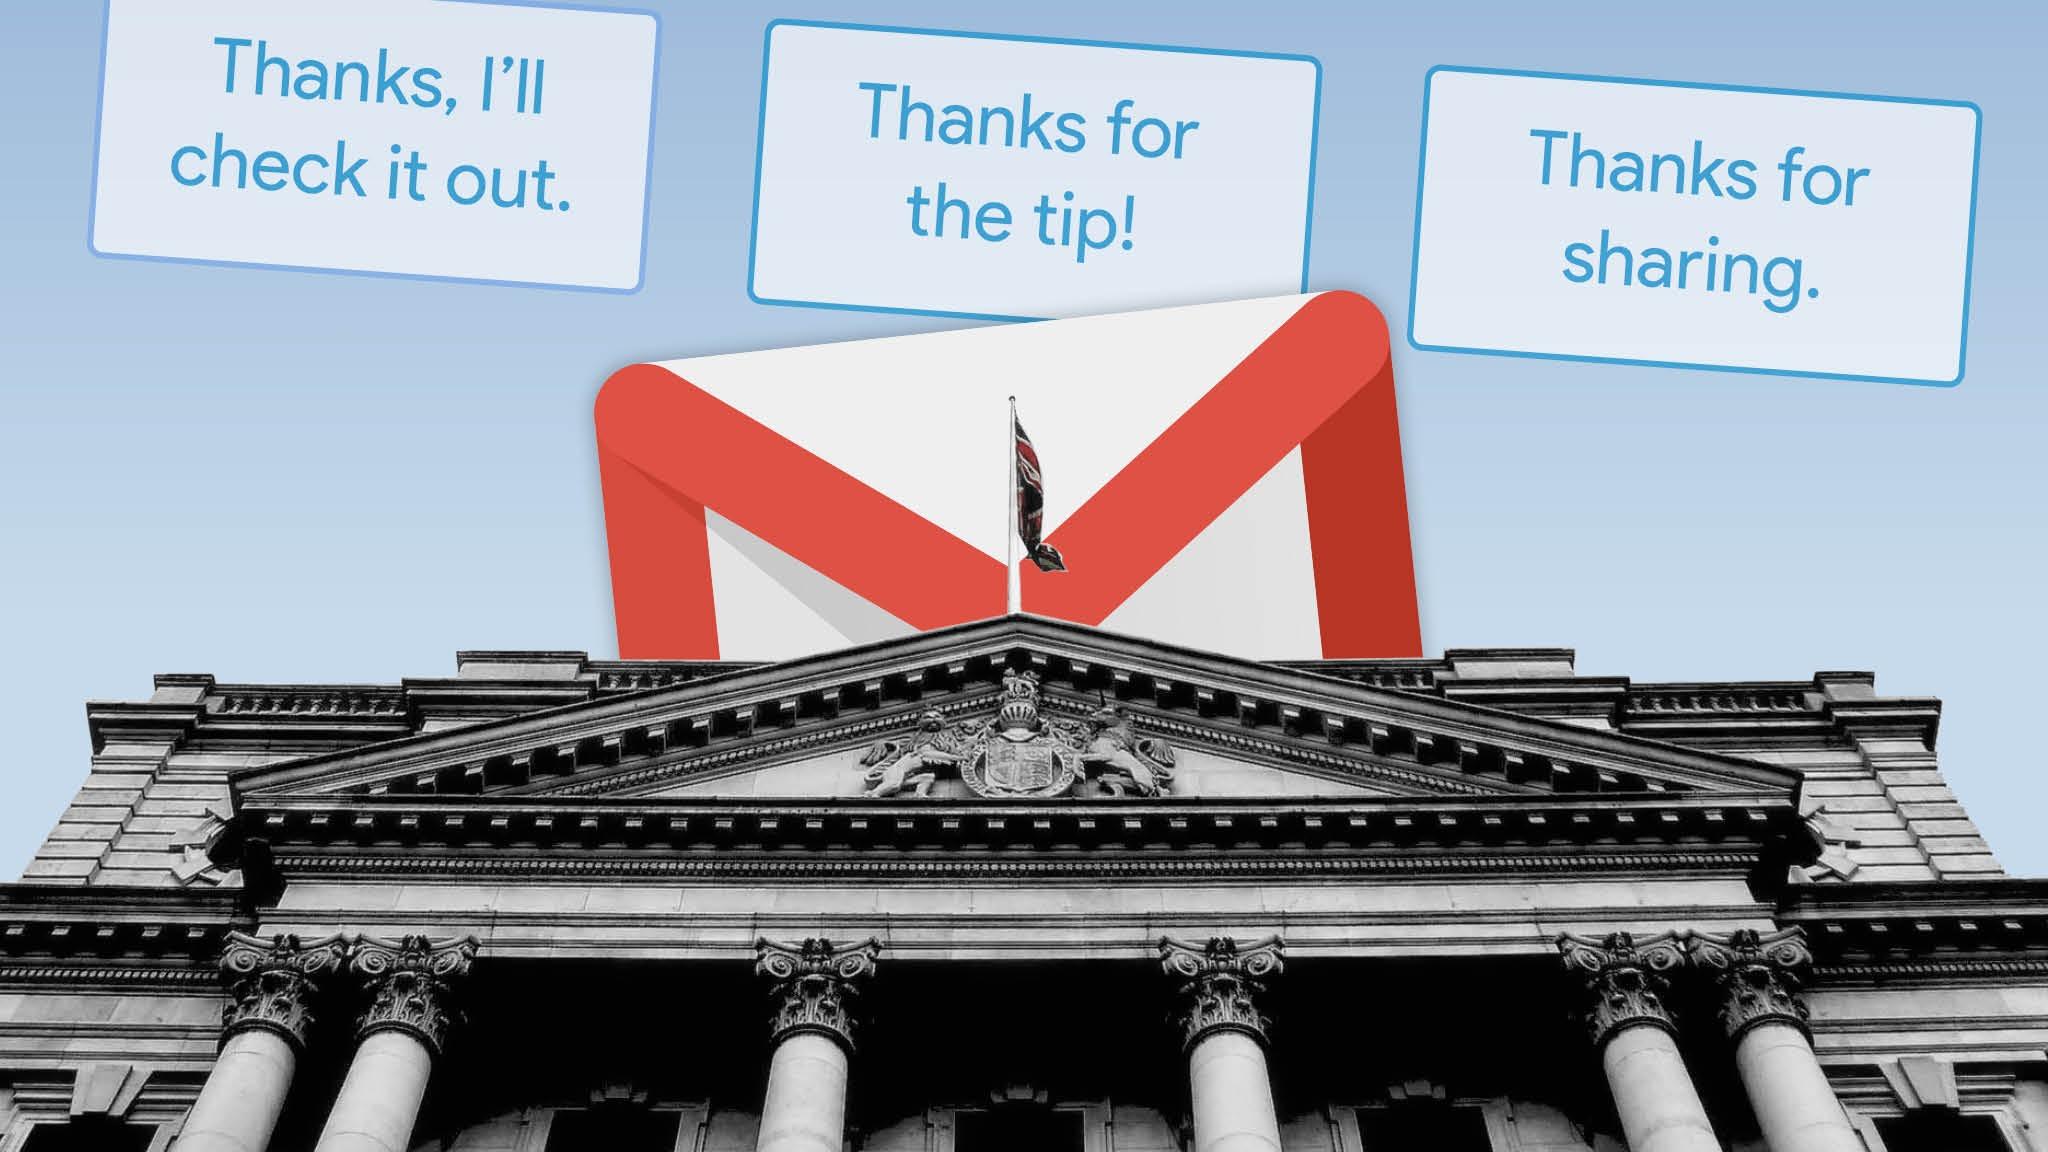 Gereksiz E-postalar Çevreye Zarar Veriyor (Şaşırtıcı Sonuçlar)